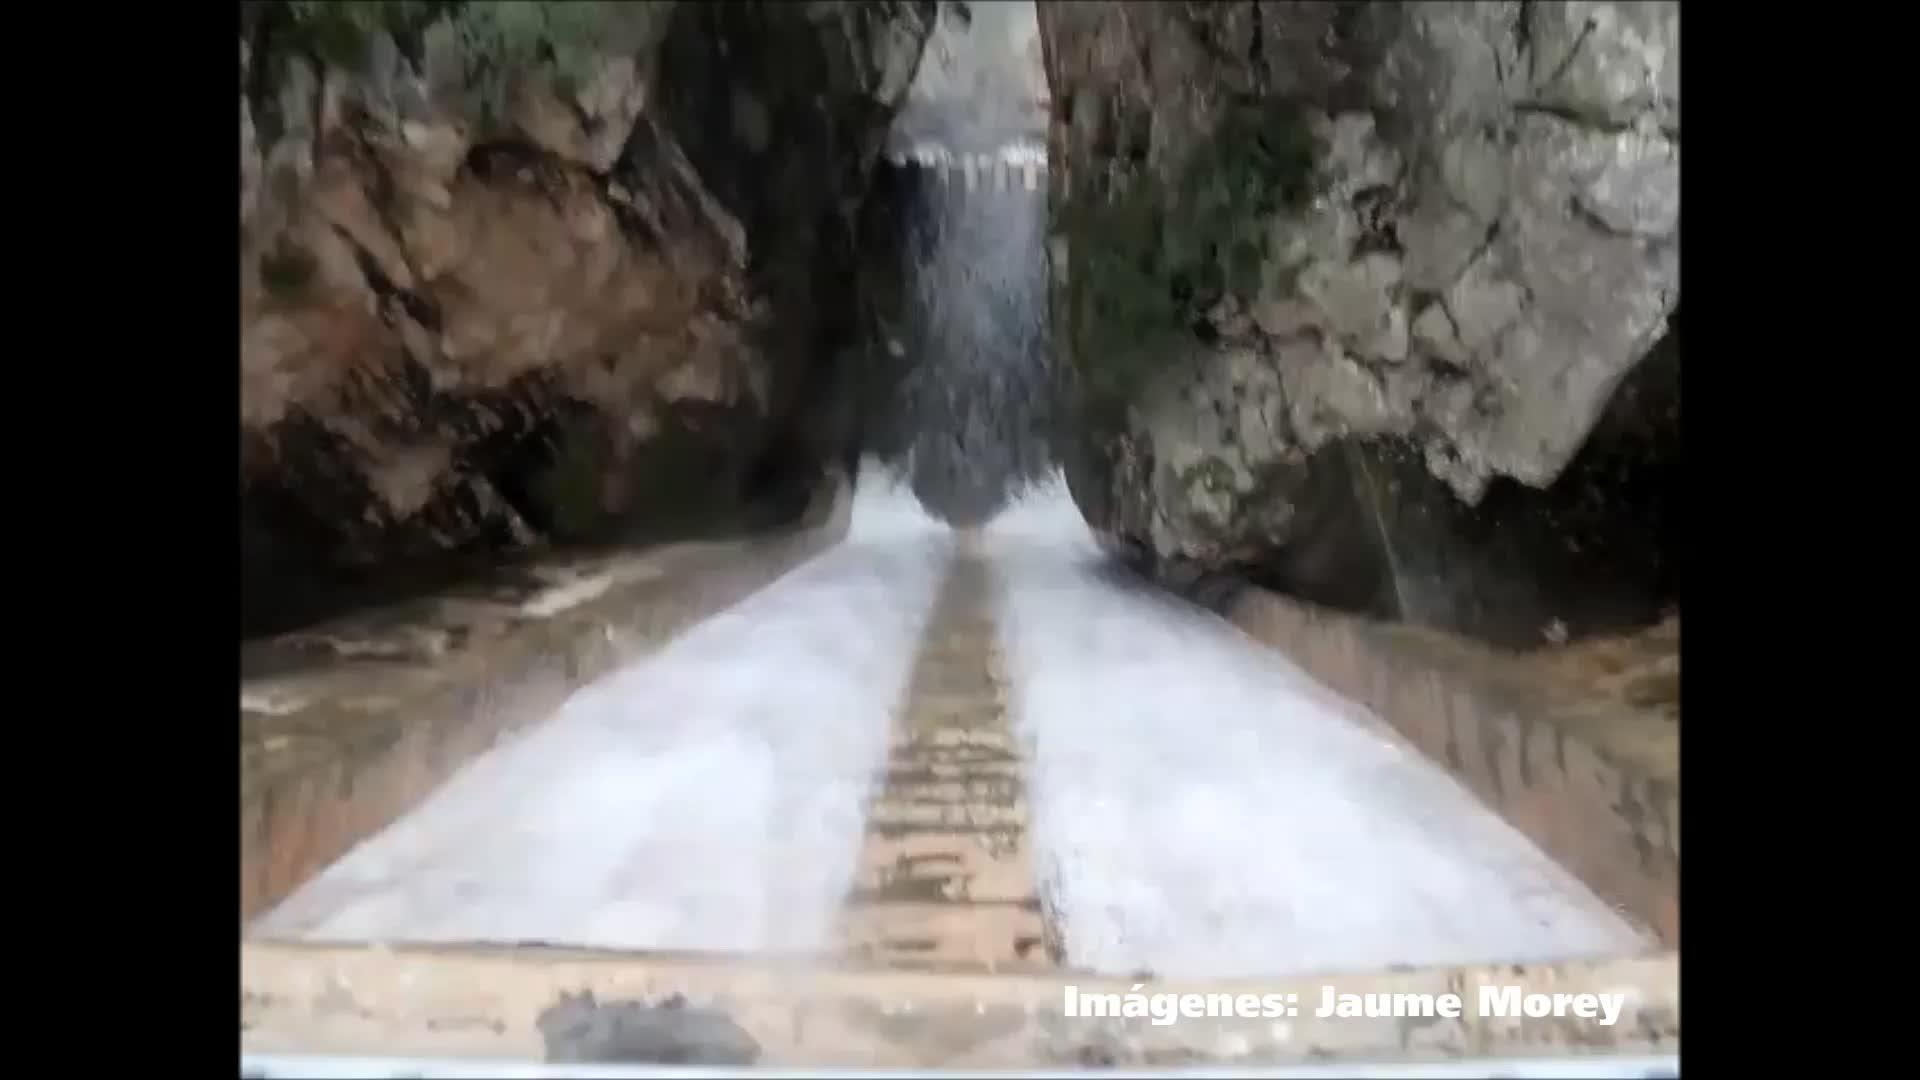 Wassermassen der Stauseen werden zu Gefahr